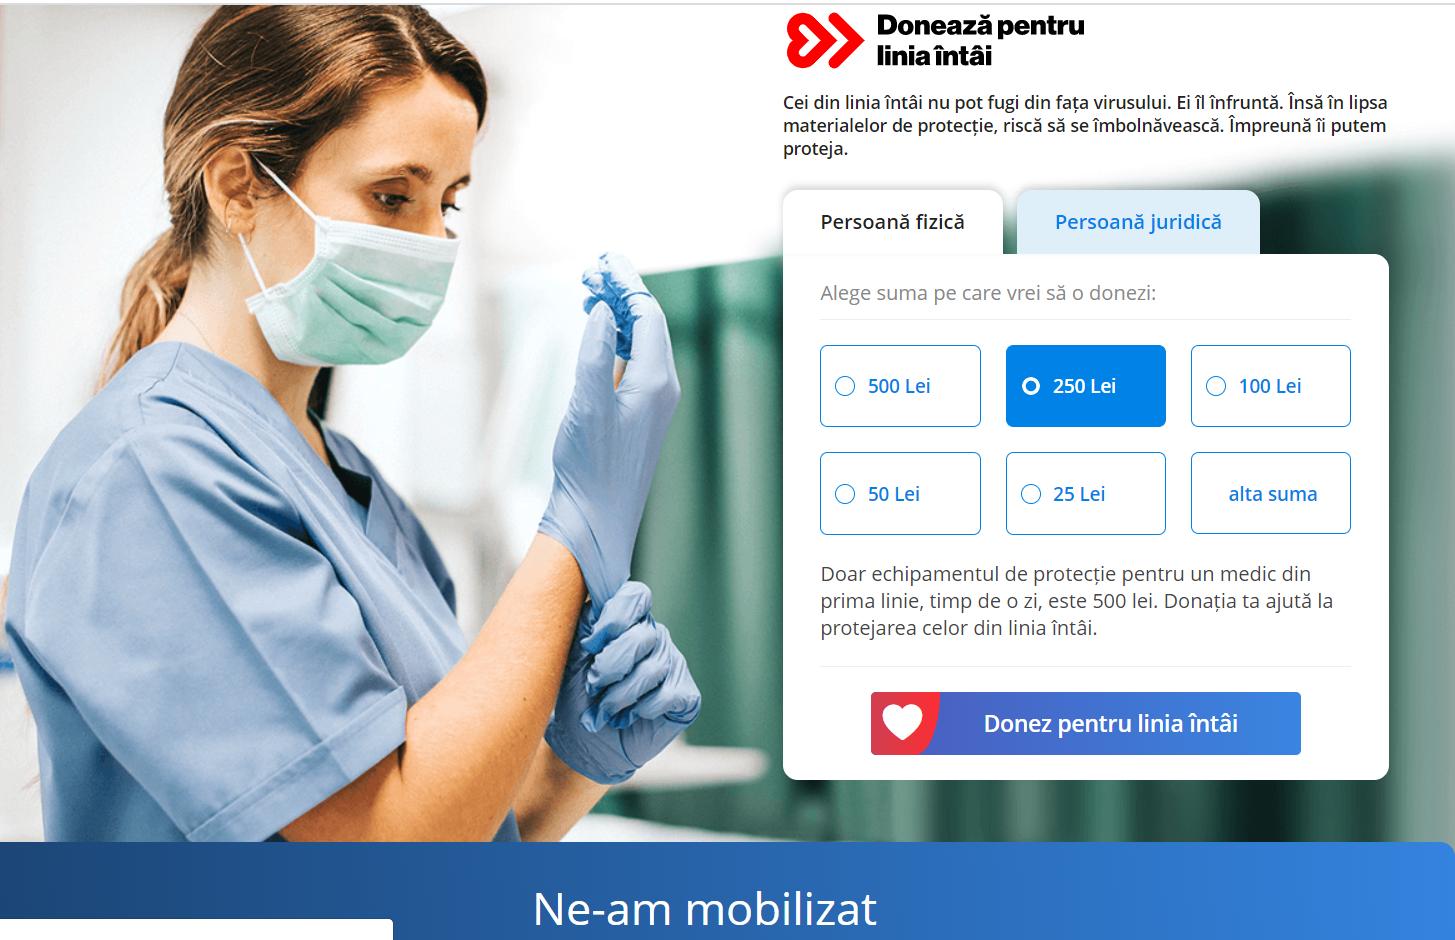 """Patru mari companii românești lansează platforma """"Donează pentru linia întâi"""" pentru a sprijini lupta împotriva coronavirusului"""